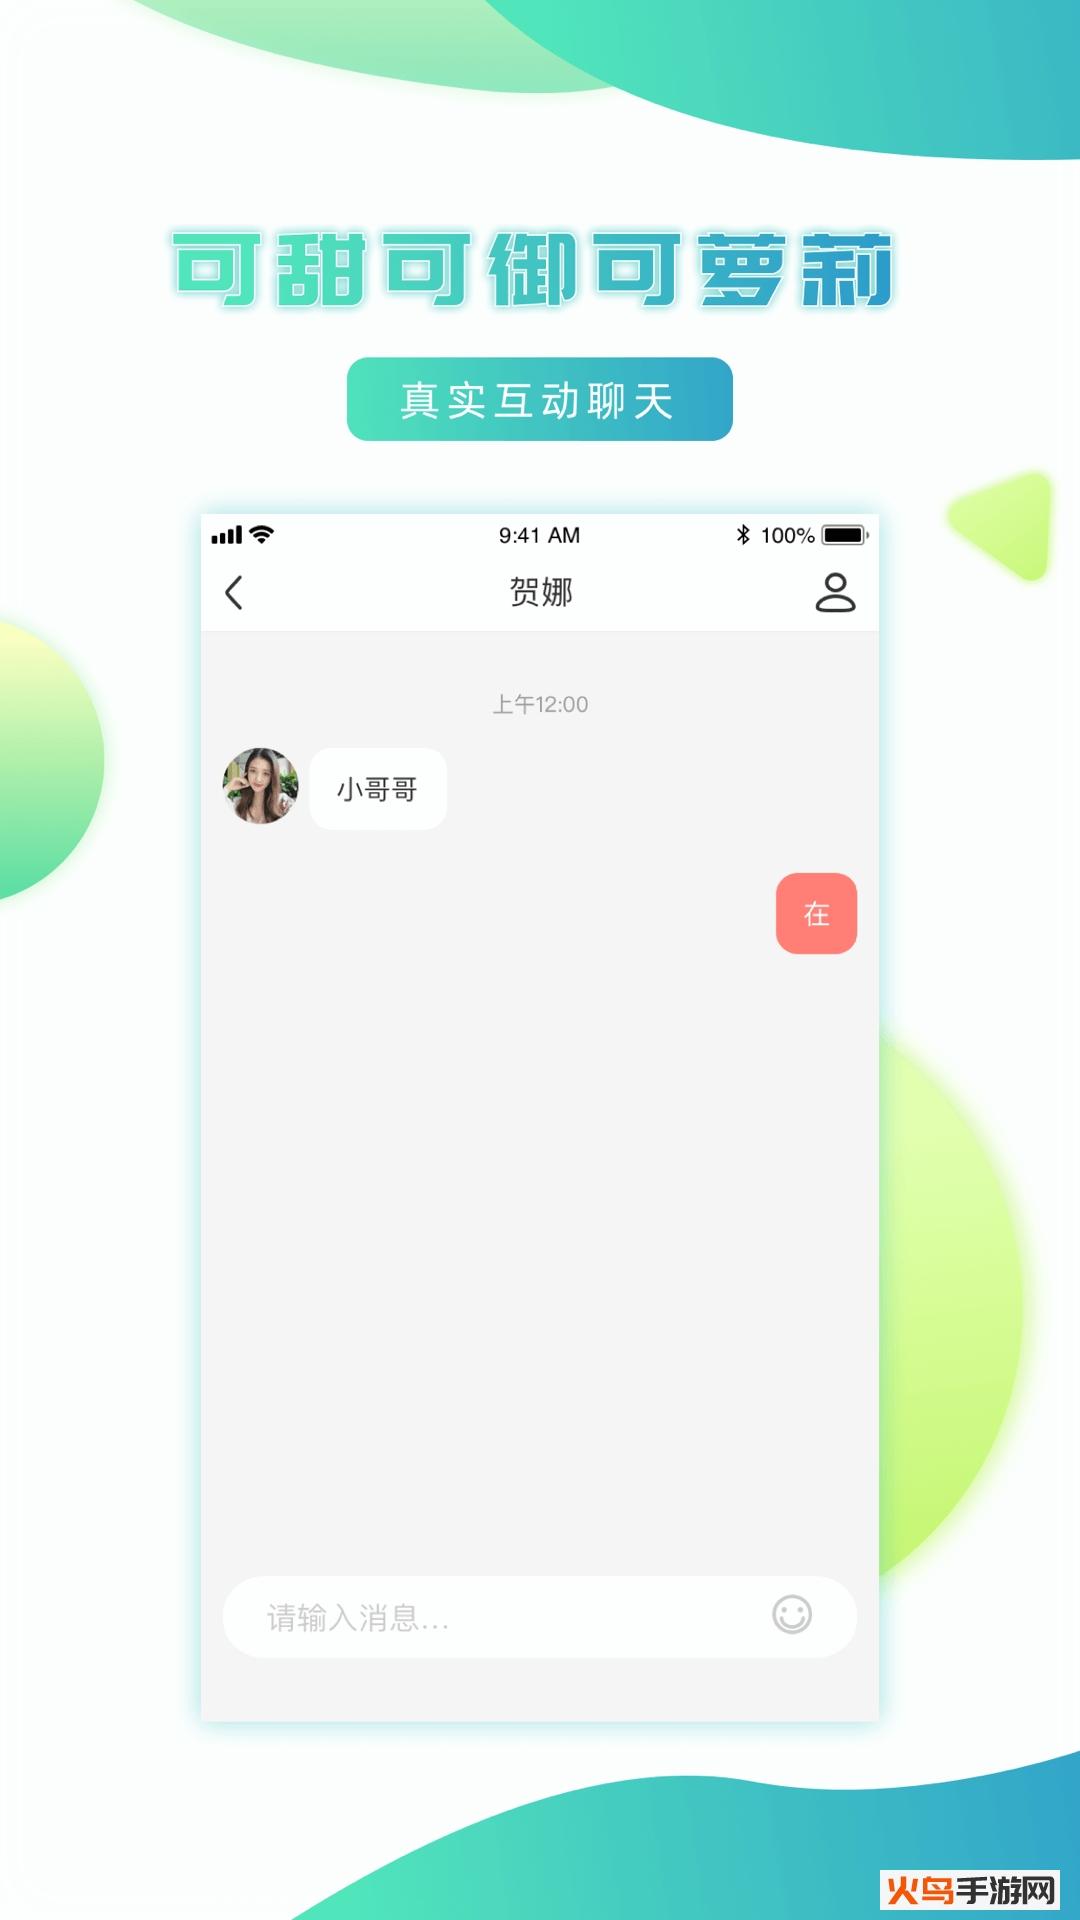 岛社交约会app截图2